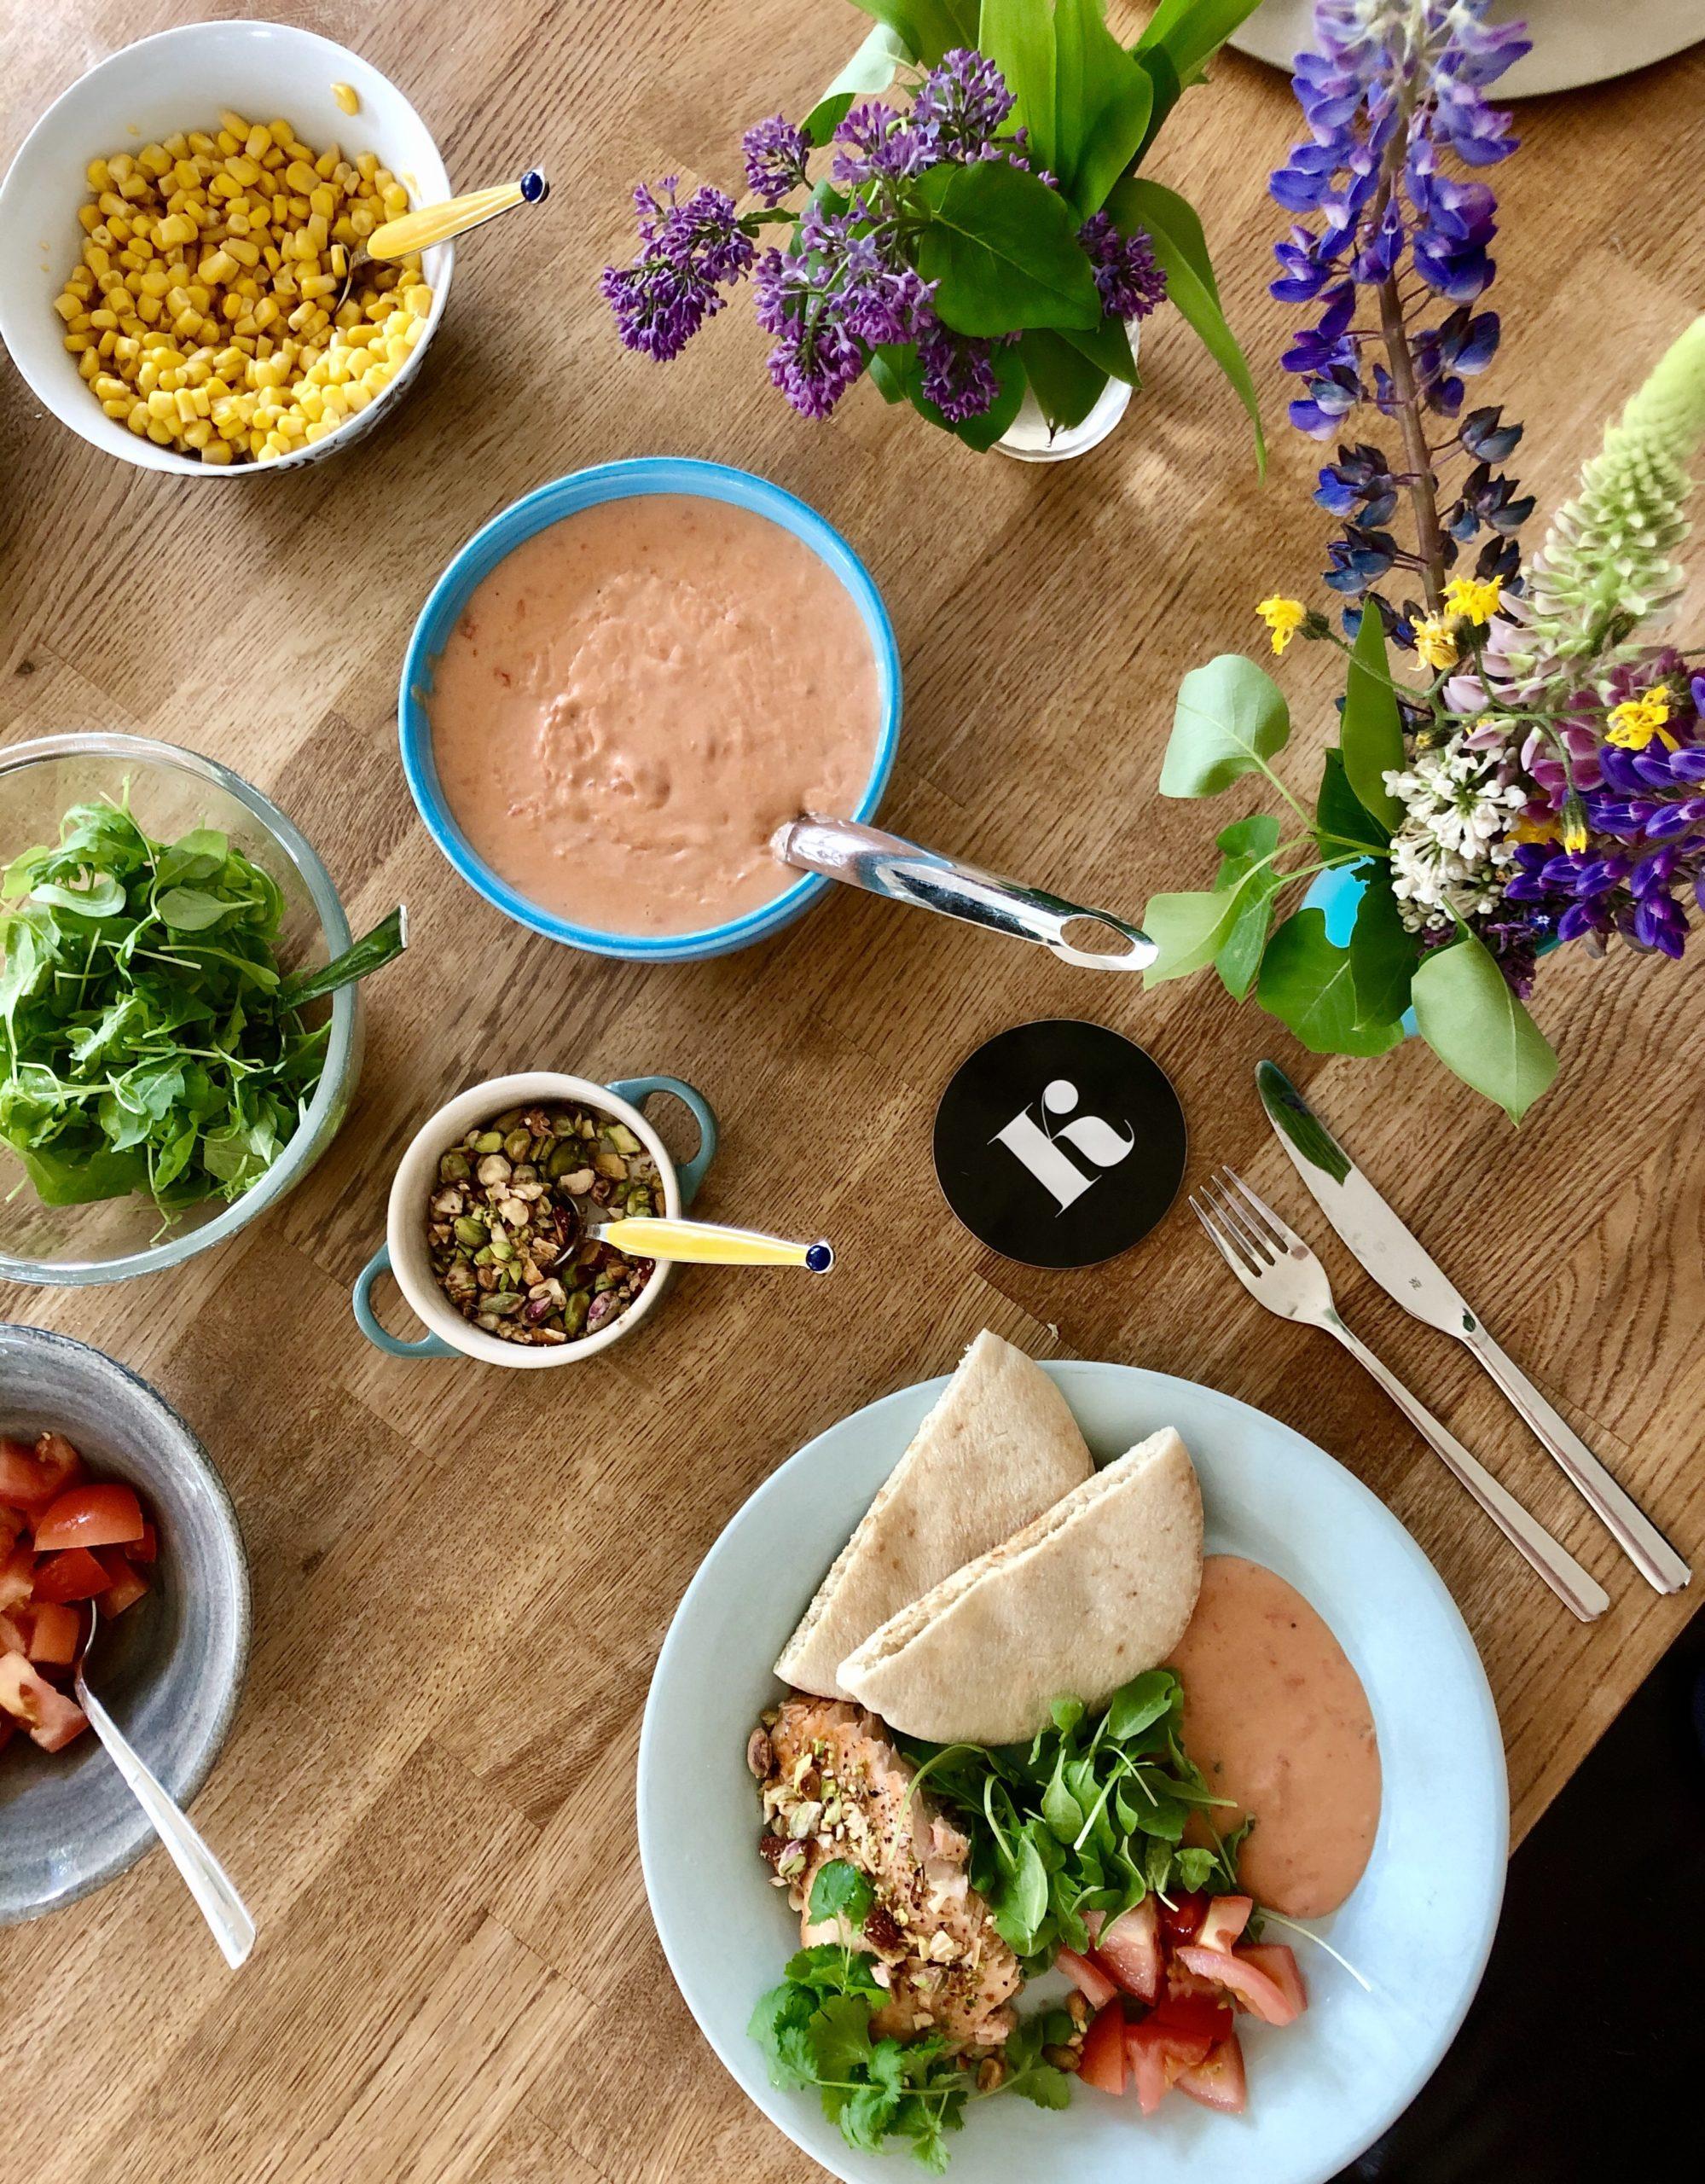 Middag med lax, jordnötssås och koriander